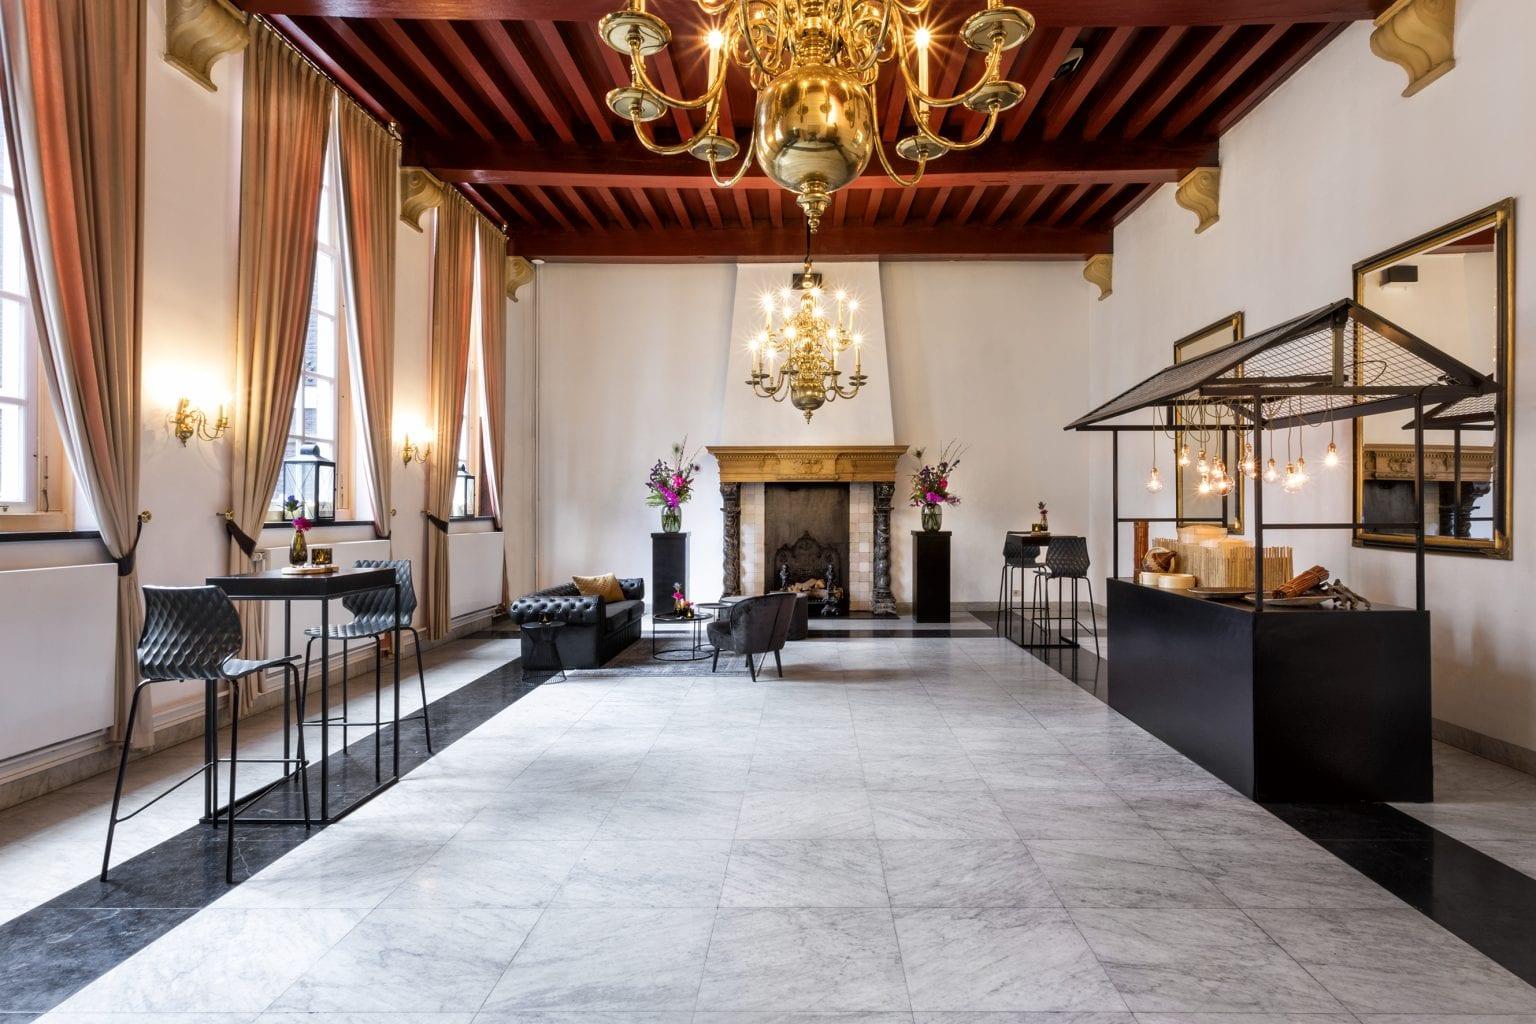 vd Kroft Events, van der Kroft, Wassenaar, a mater of taste, Westindisch Huis, Amsterdam, catering, event concept, catering, Cojan van Toor Professional Photography Oudewater;